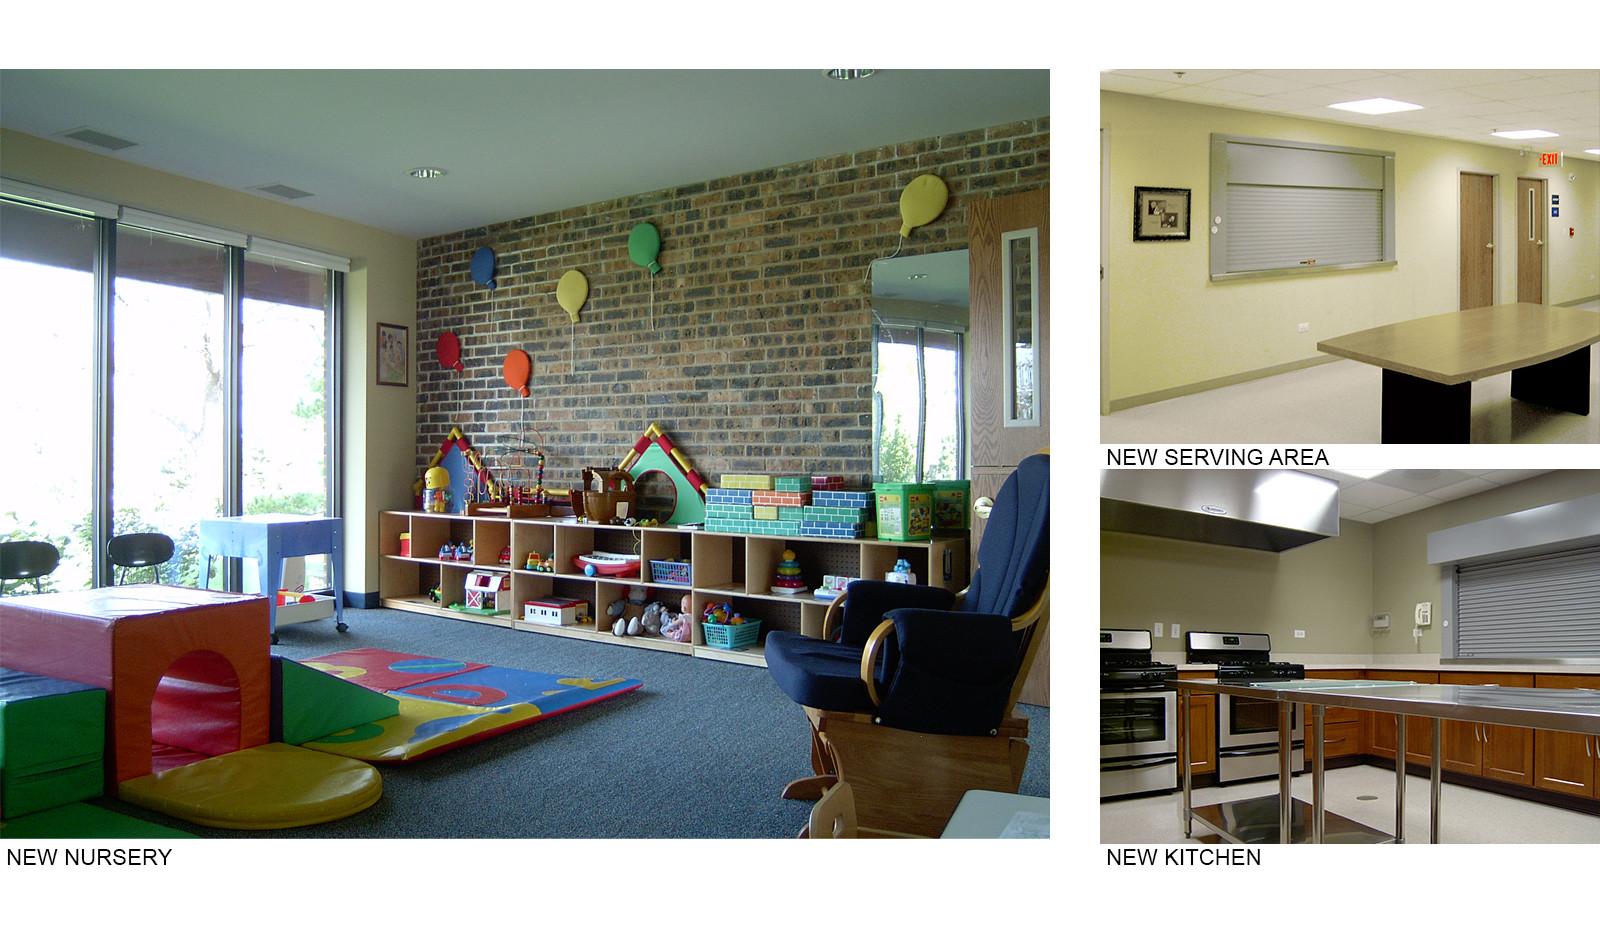 Nursery and Kitchen